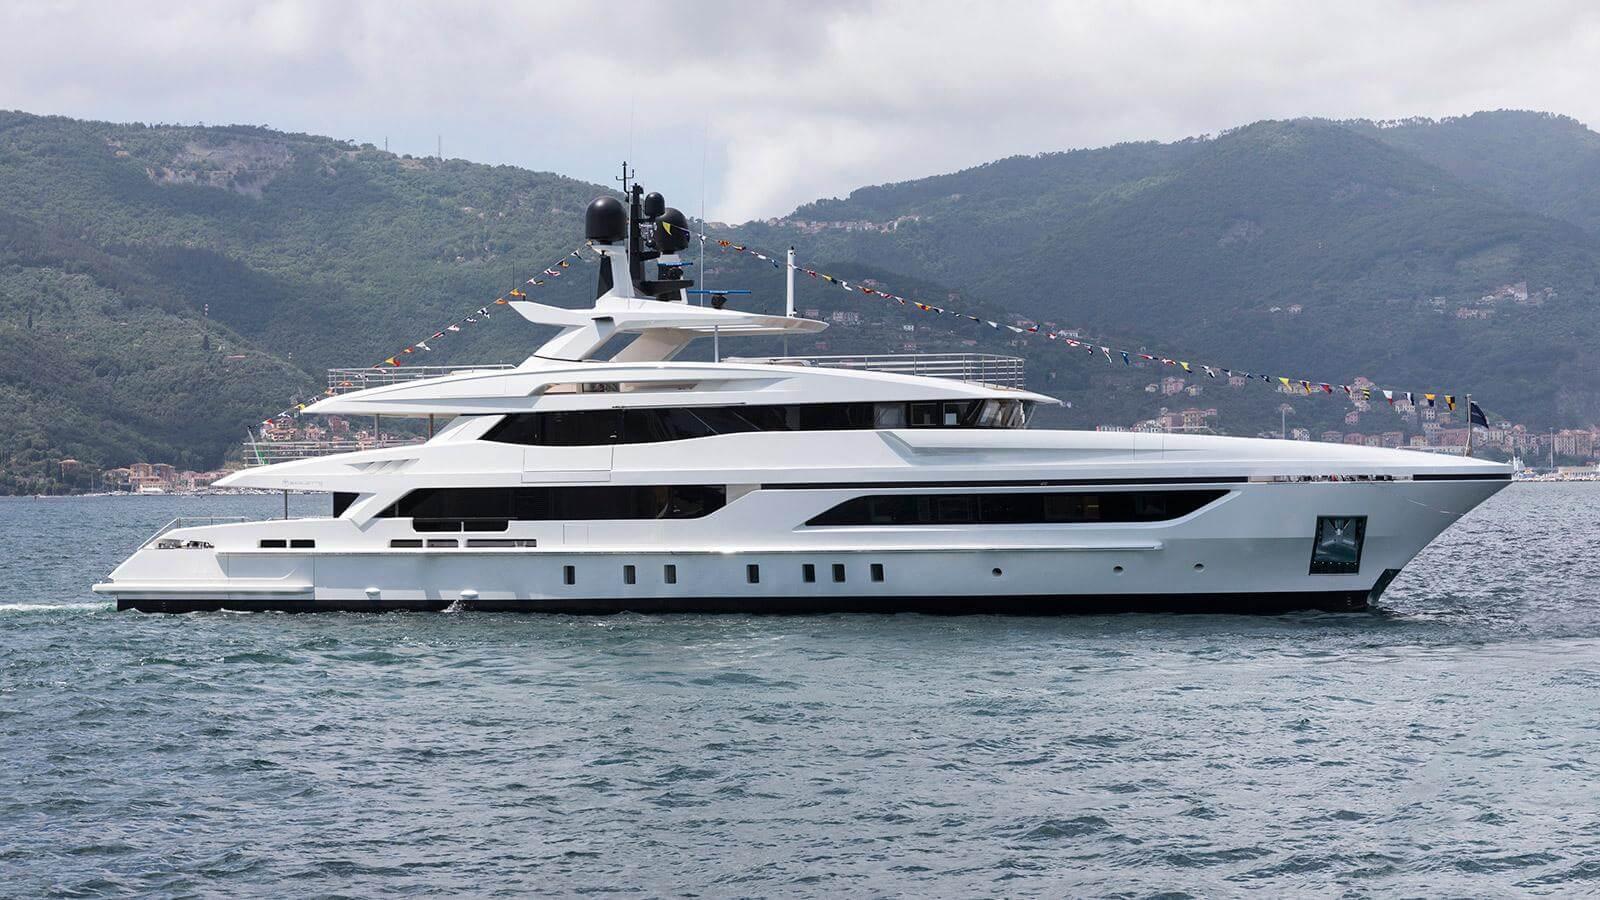 Baglietto Launches Andiamo 48M Motor Yacht